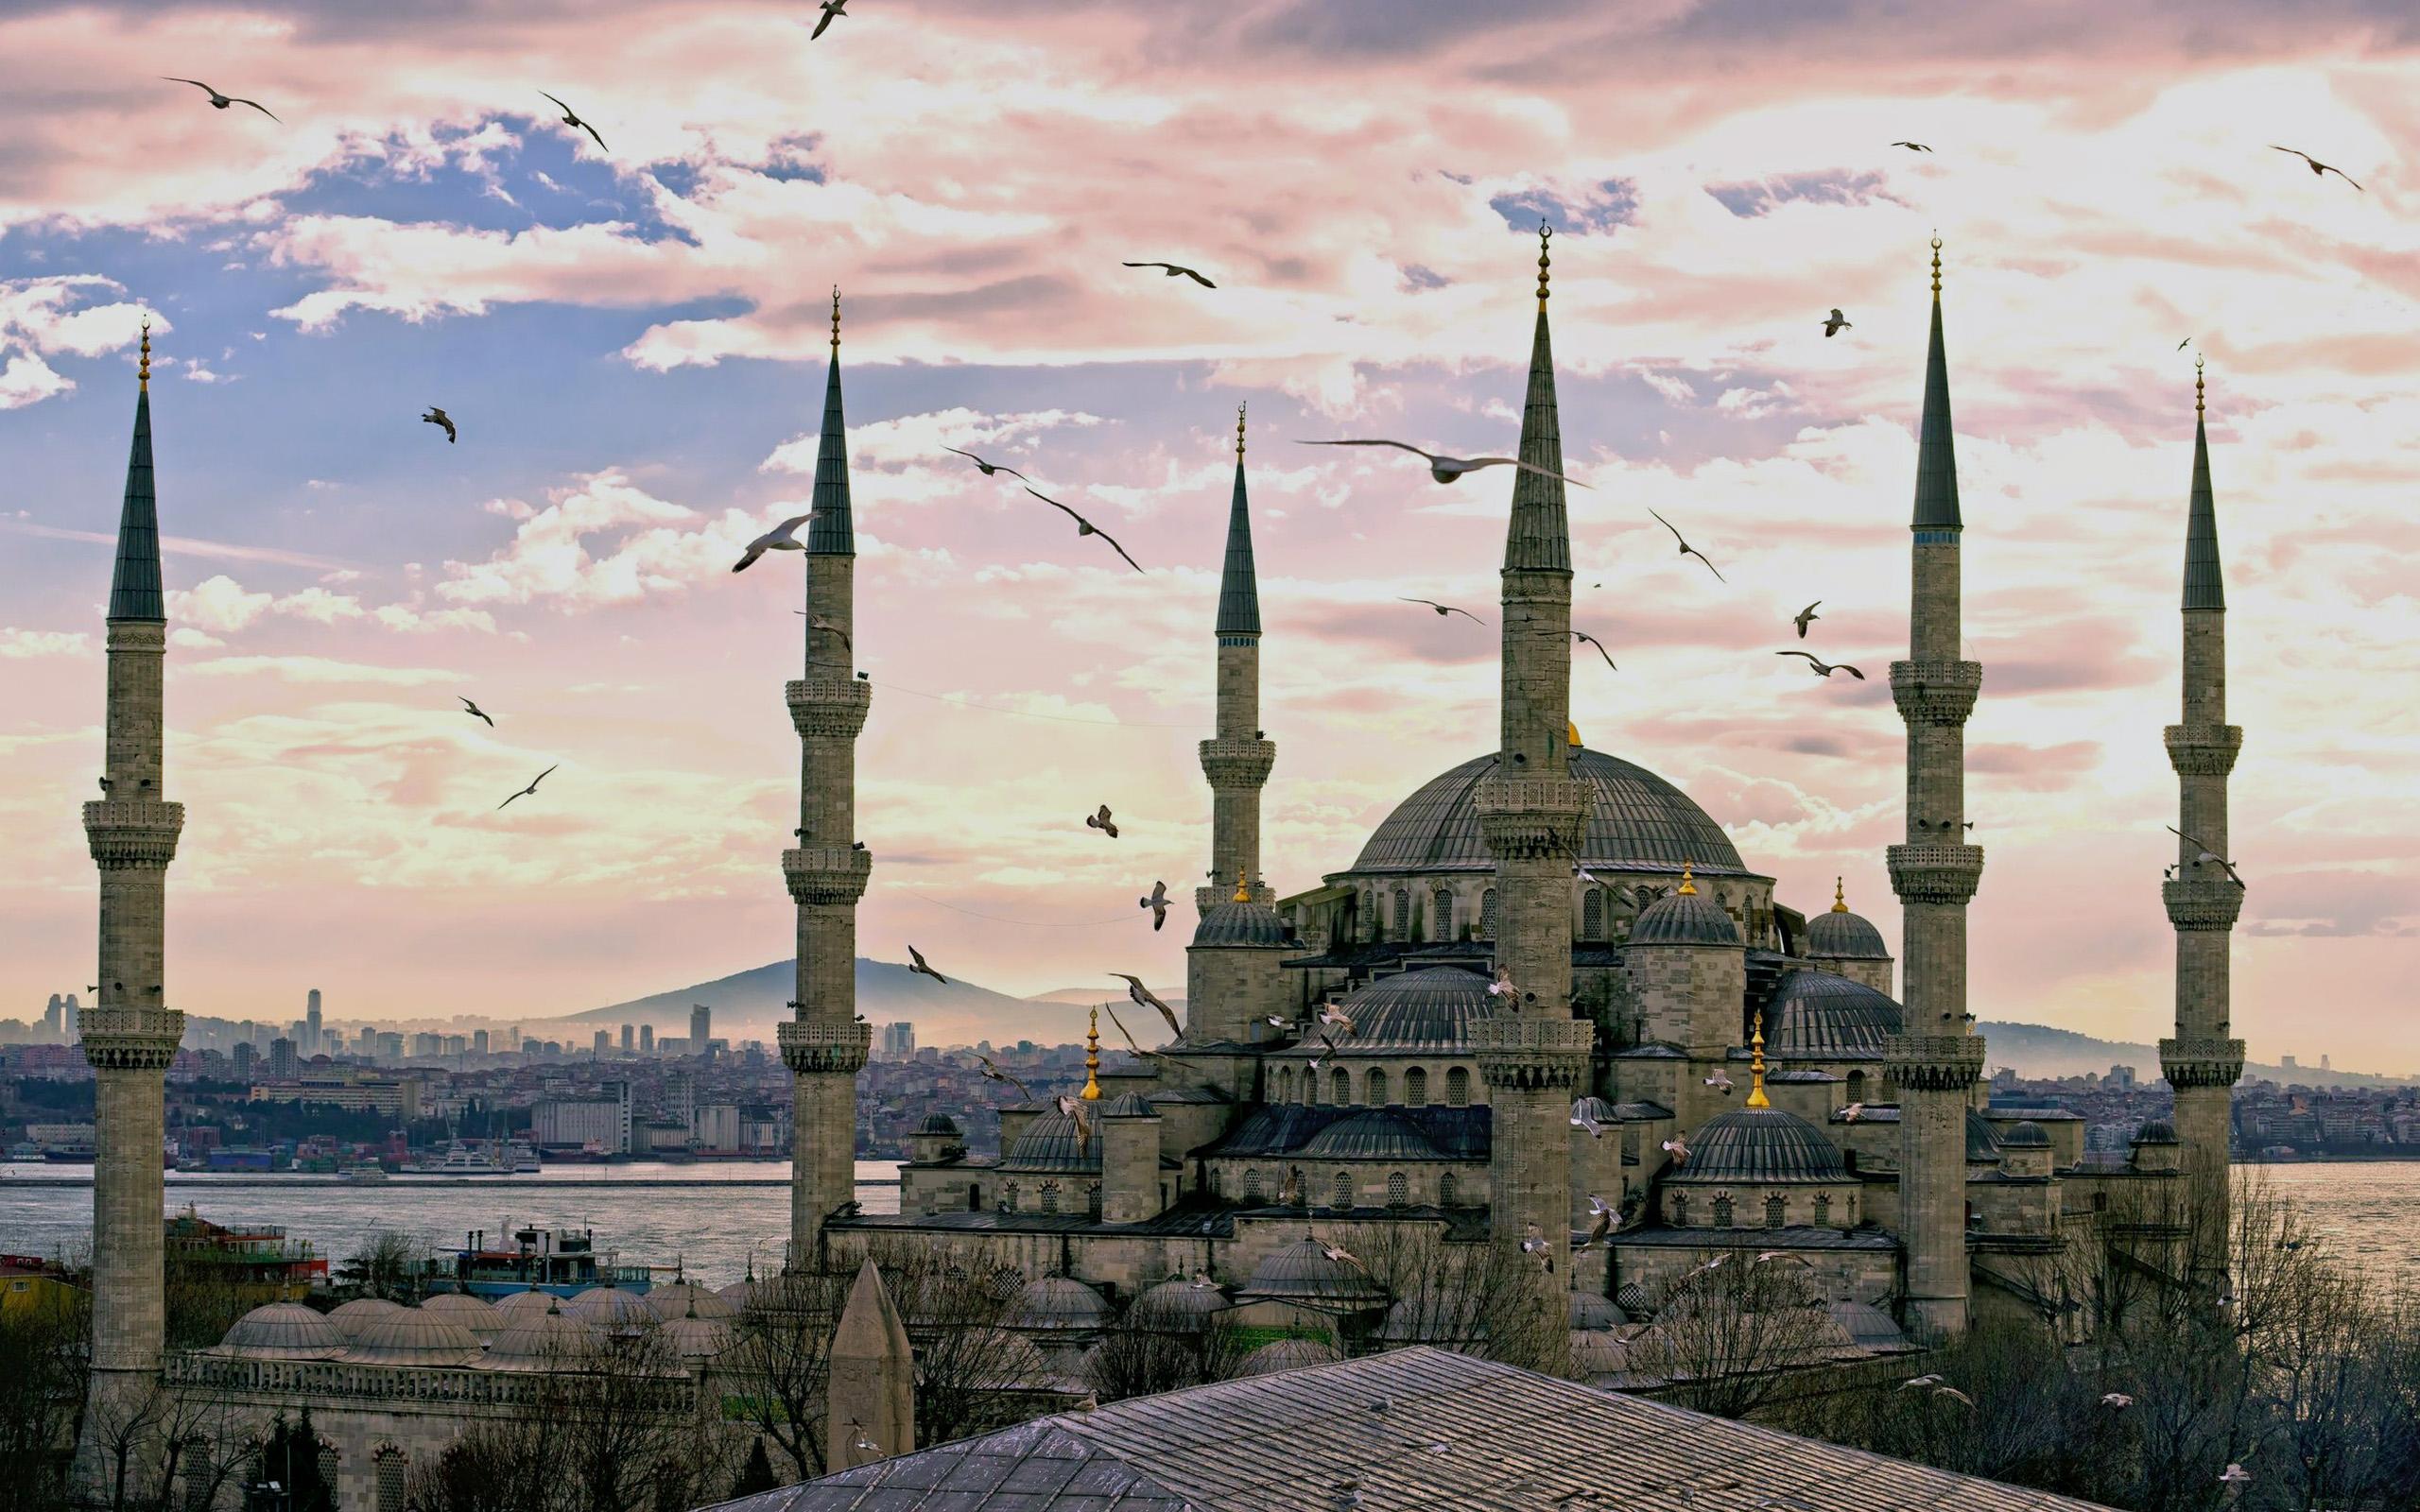 Обои Султанахмет, пролив, башни, Пейзаж, голубая мечеть, дворец, турция, стамбул. Города foto 13